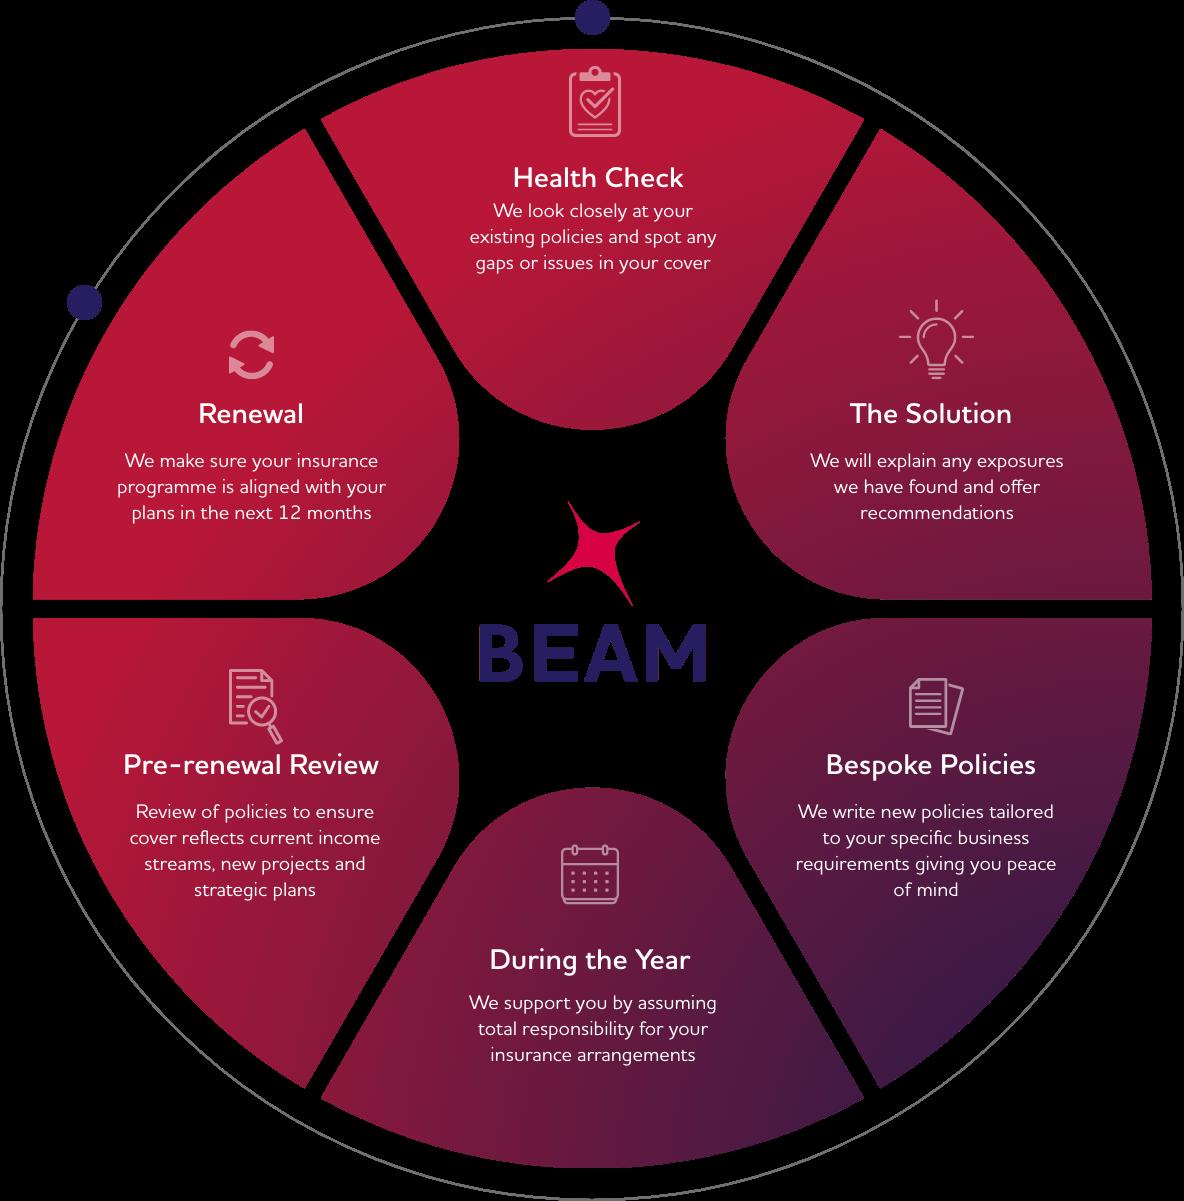 Beam Circle Diagram